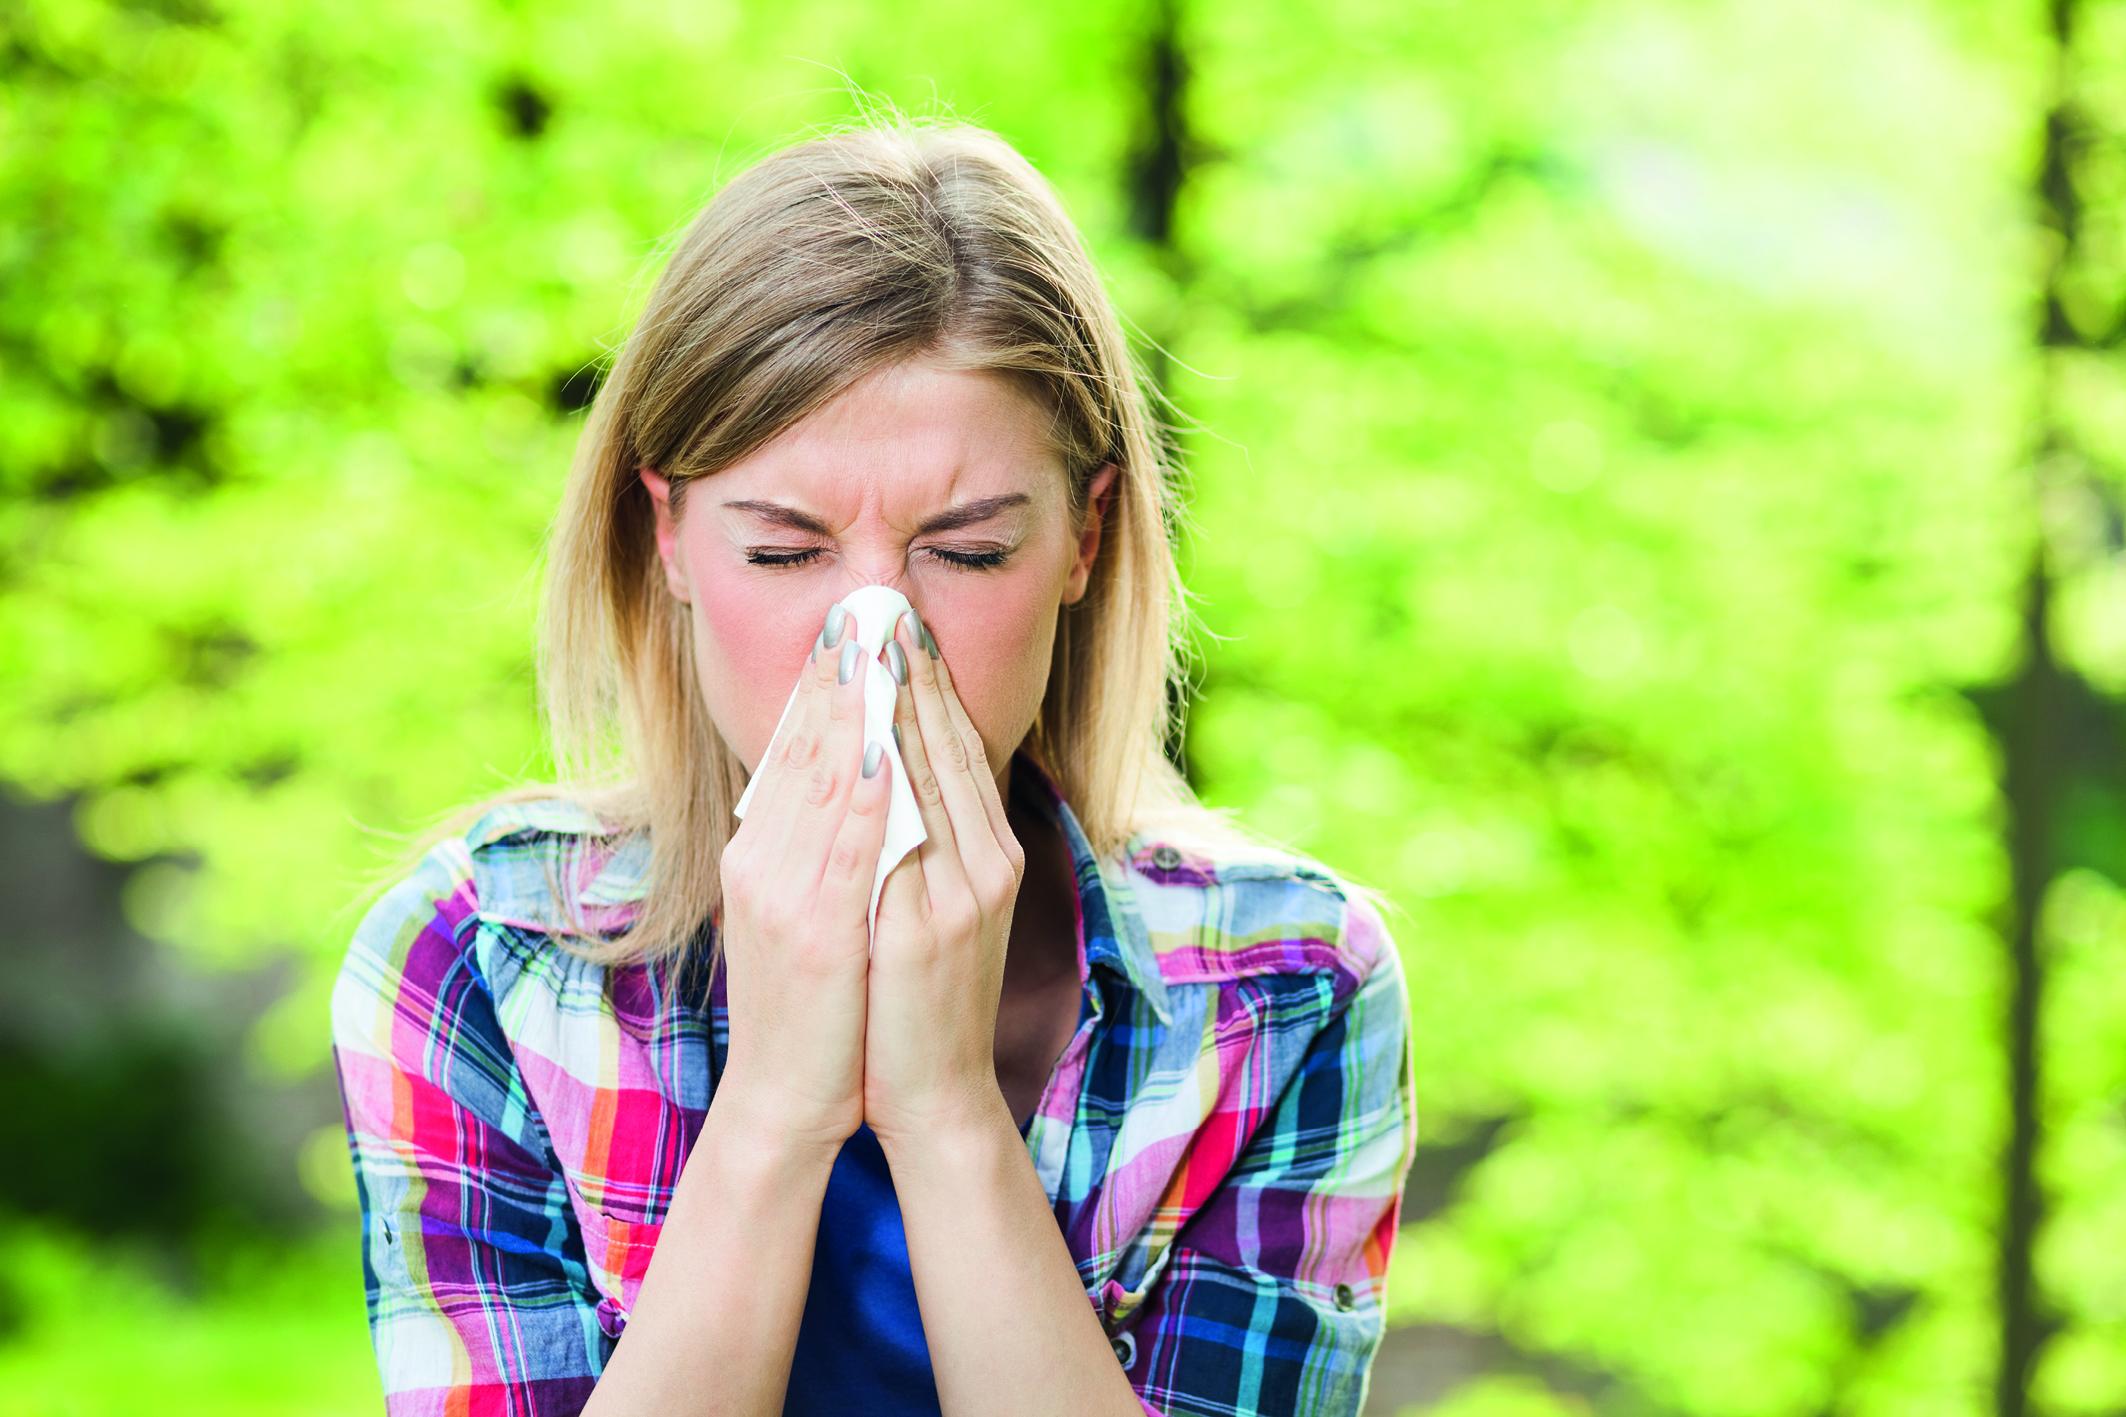 Junge Frau putzt sich die Nase wegen einer Pollenallergie. Im Hintergrund grüne Laubbäume.